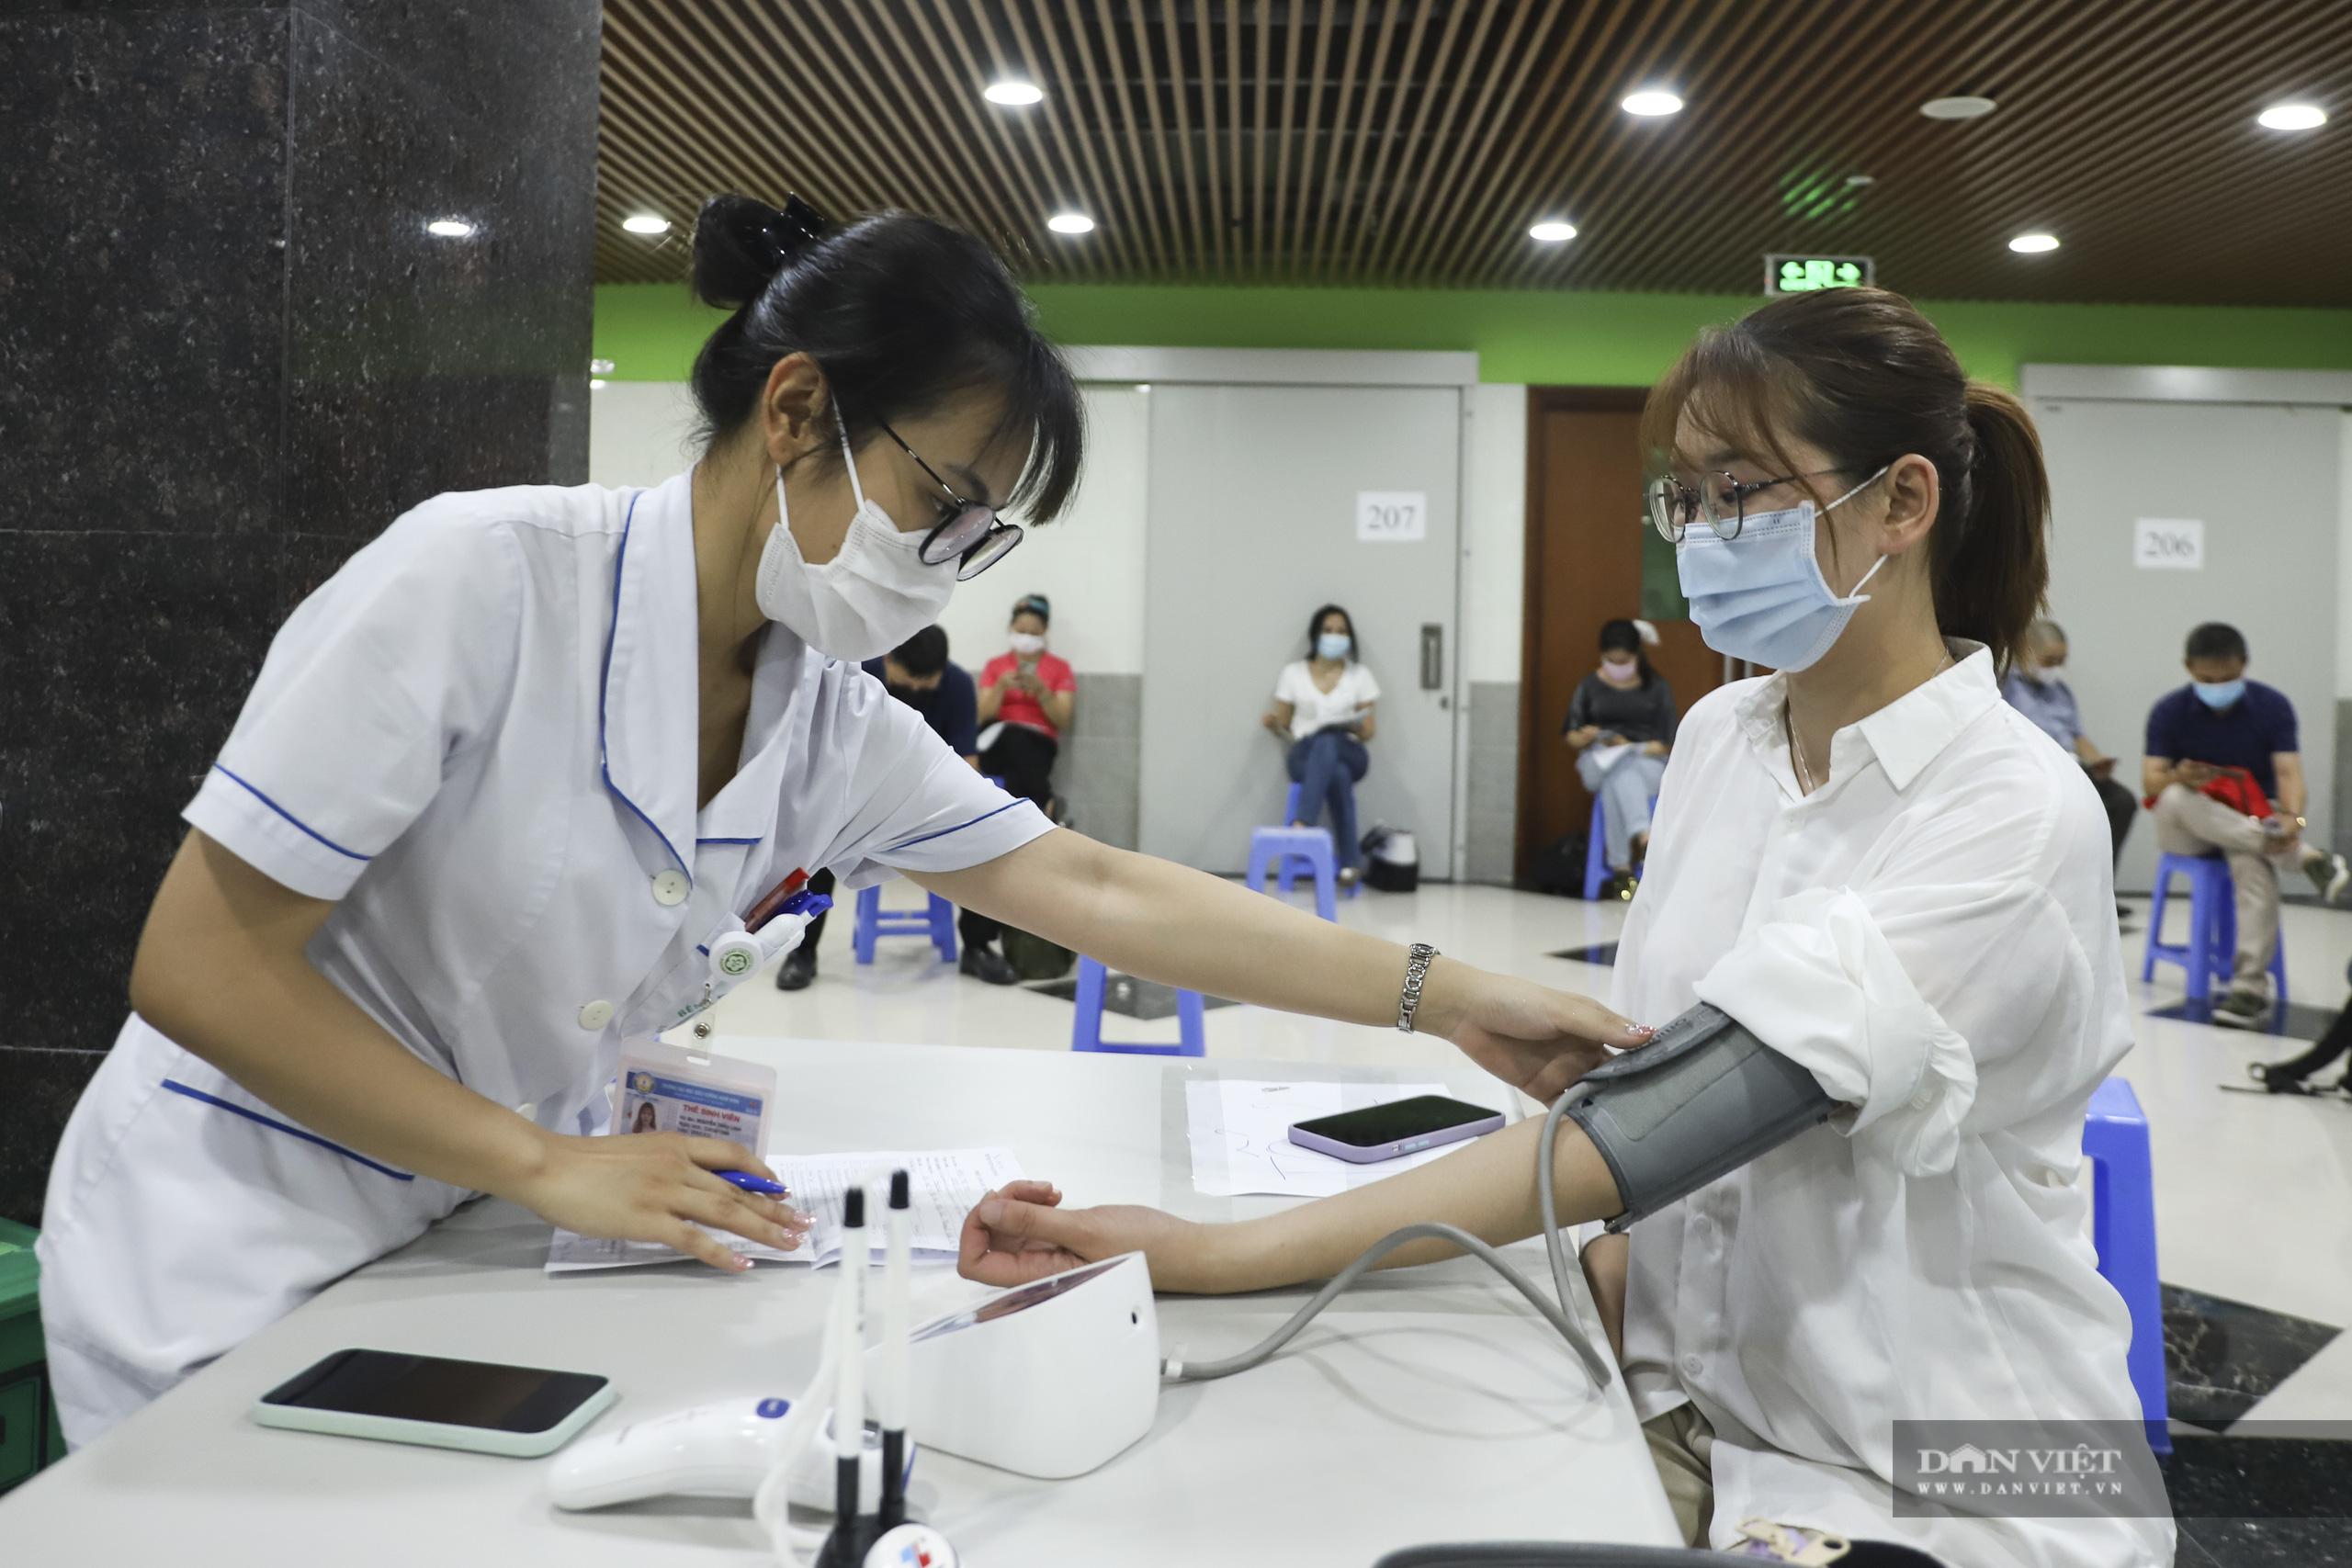 Cận cảnh quy trình tiêm vắc xin phòng Covid-19 cho hàng trăm phóng viên - Ảnh 10.